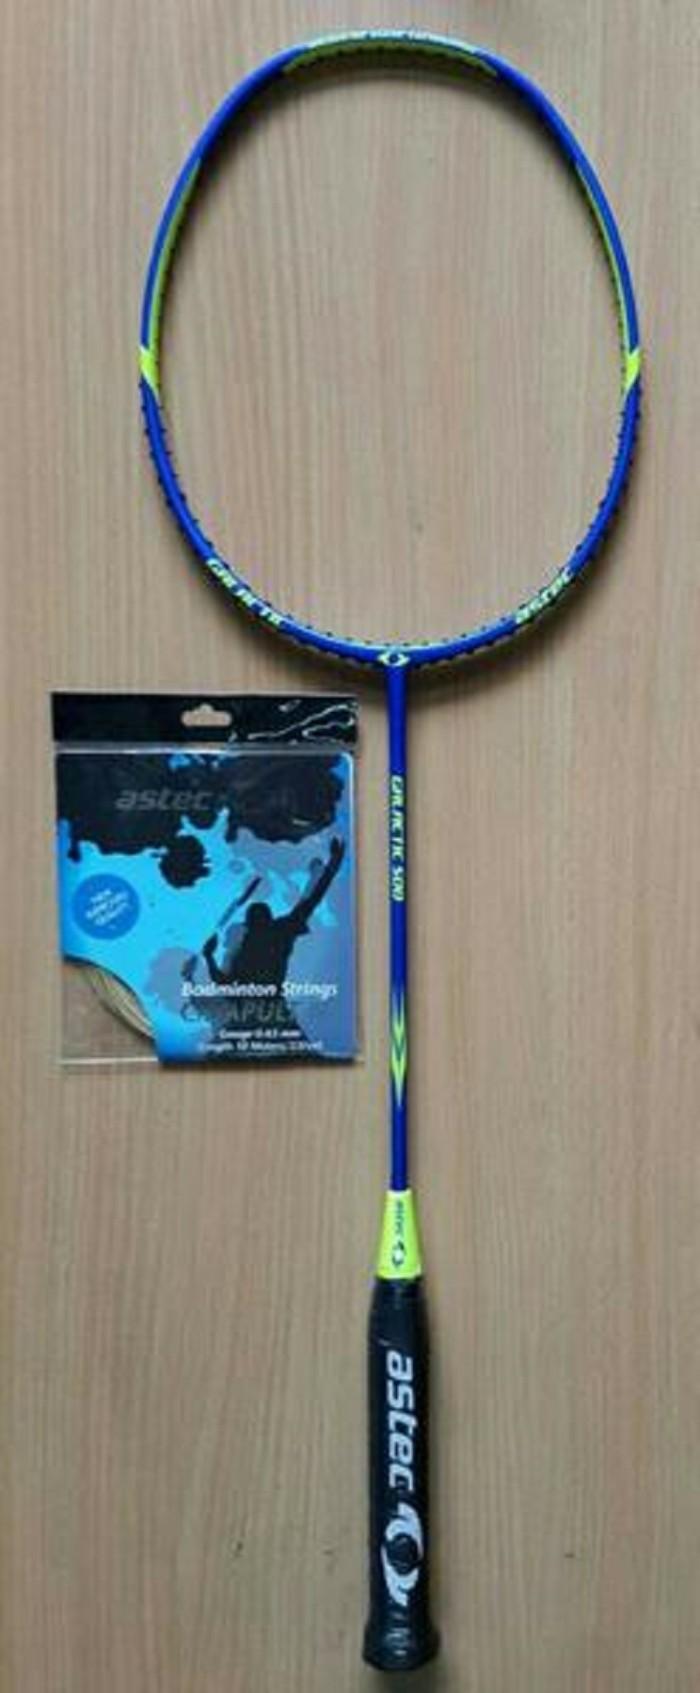 harga Raket badminton astec galatic 500 dan 505 + senar astec original! Tokopedia.com